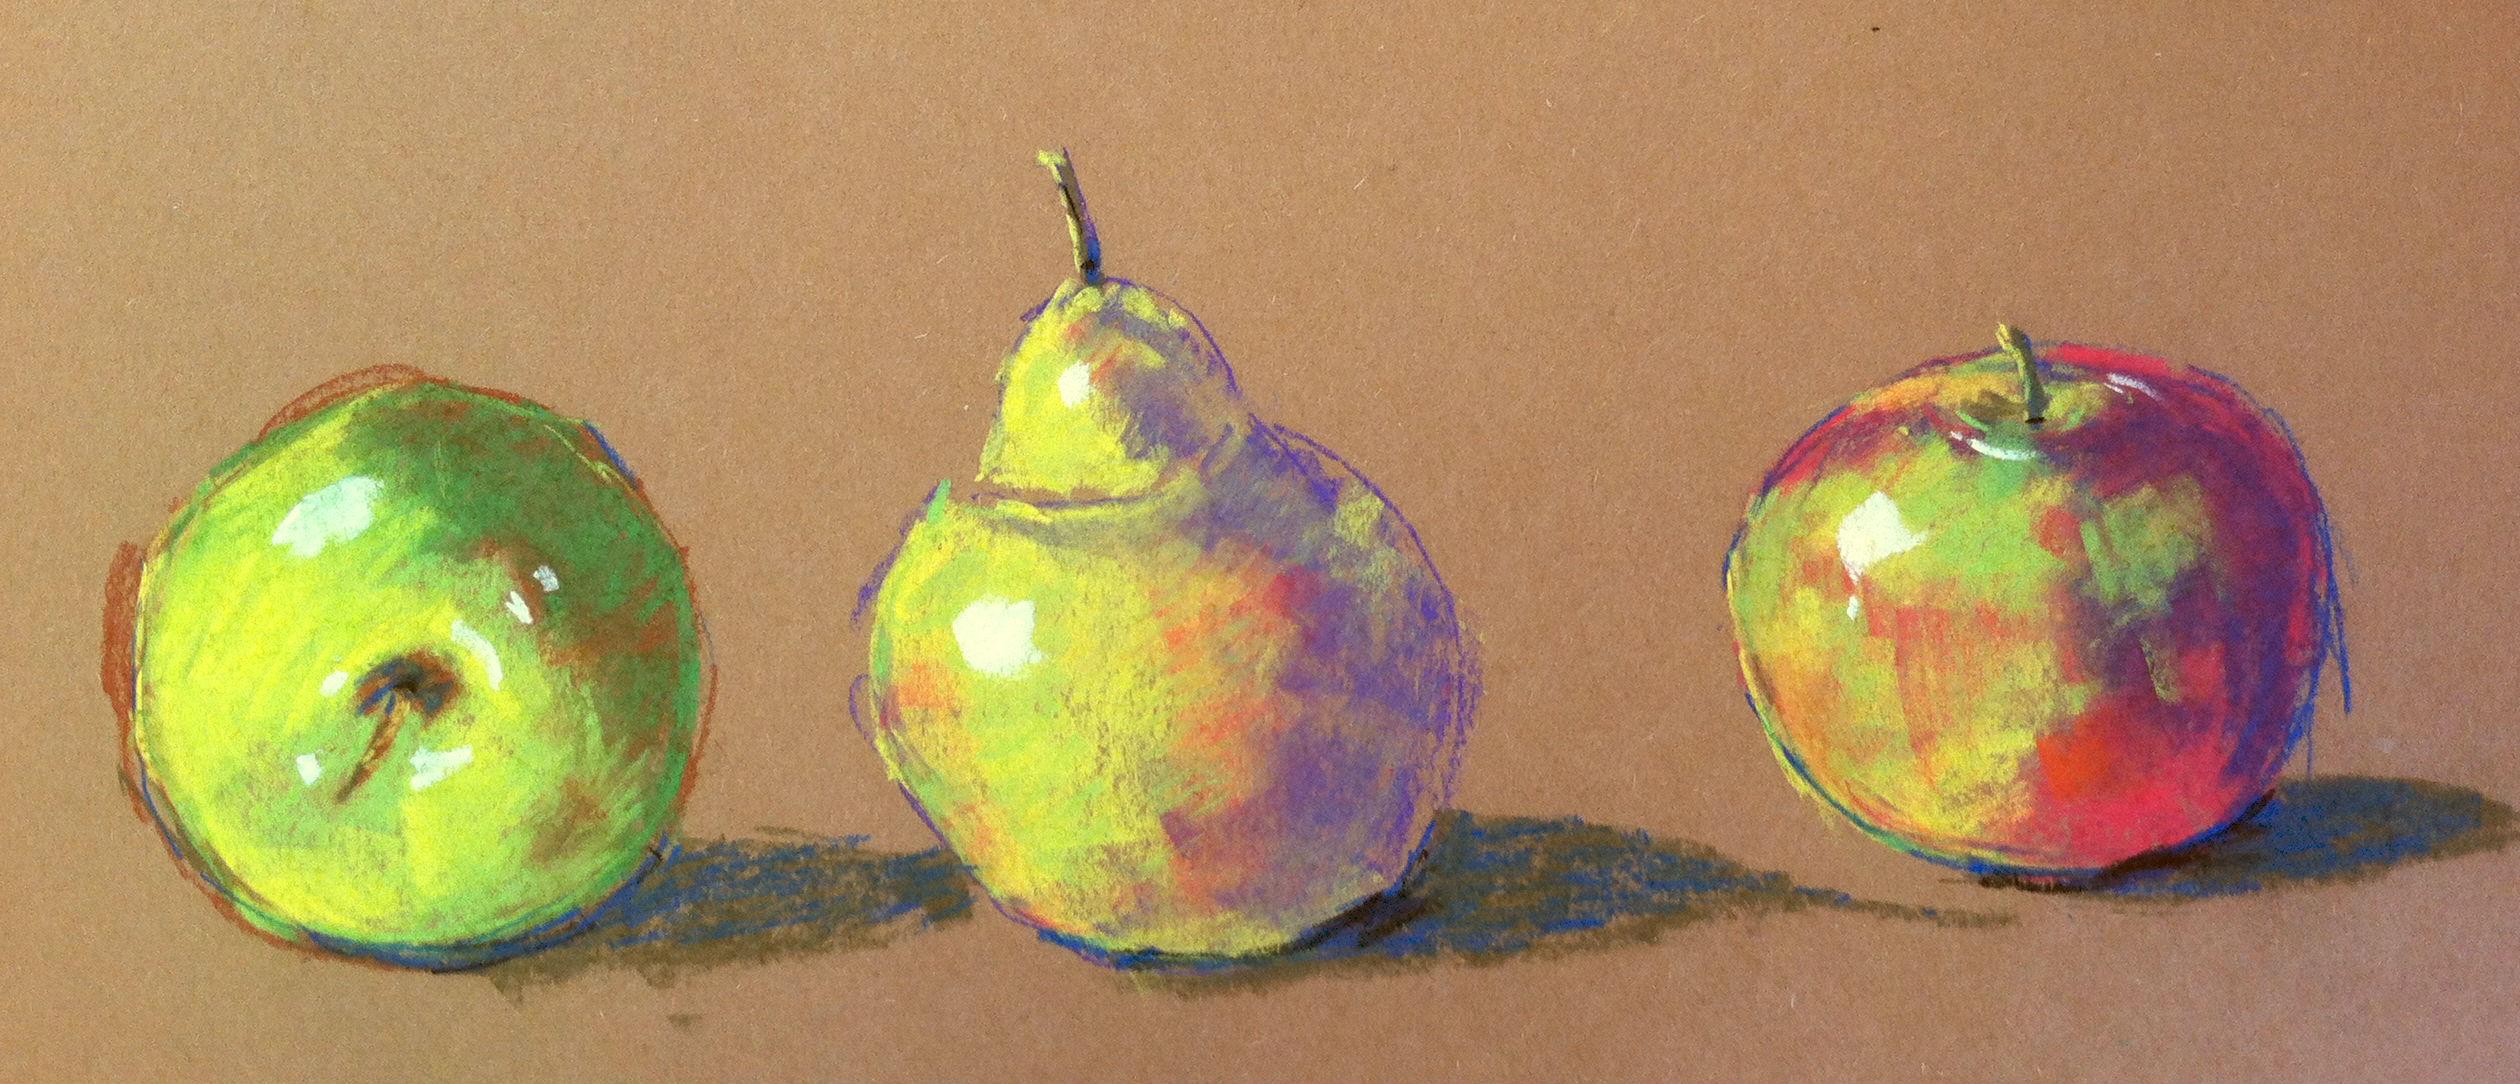 applespear.jpg (2520×1084)